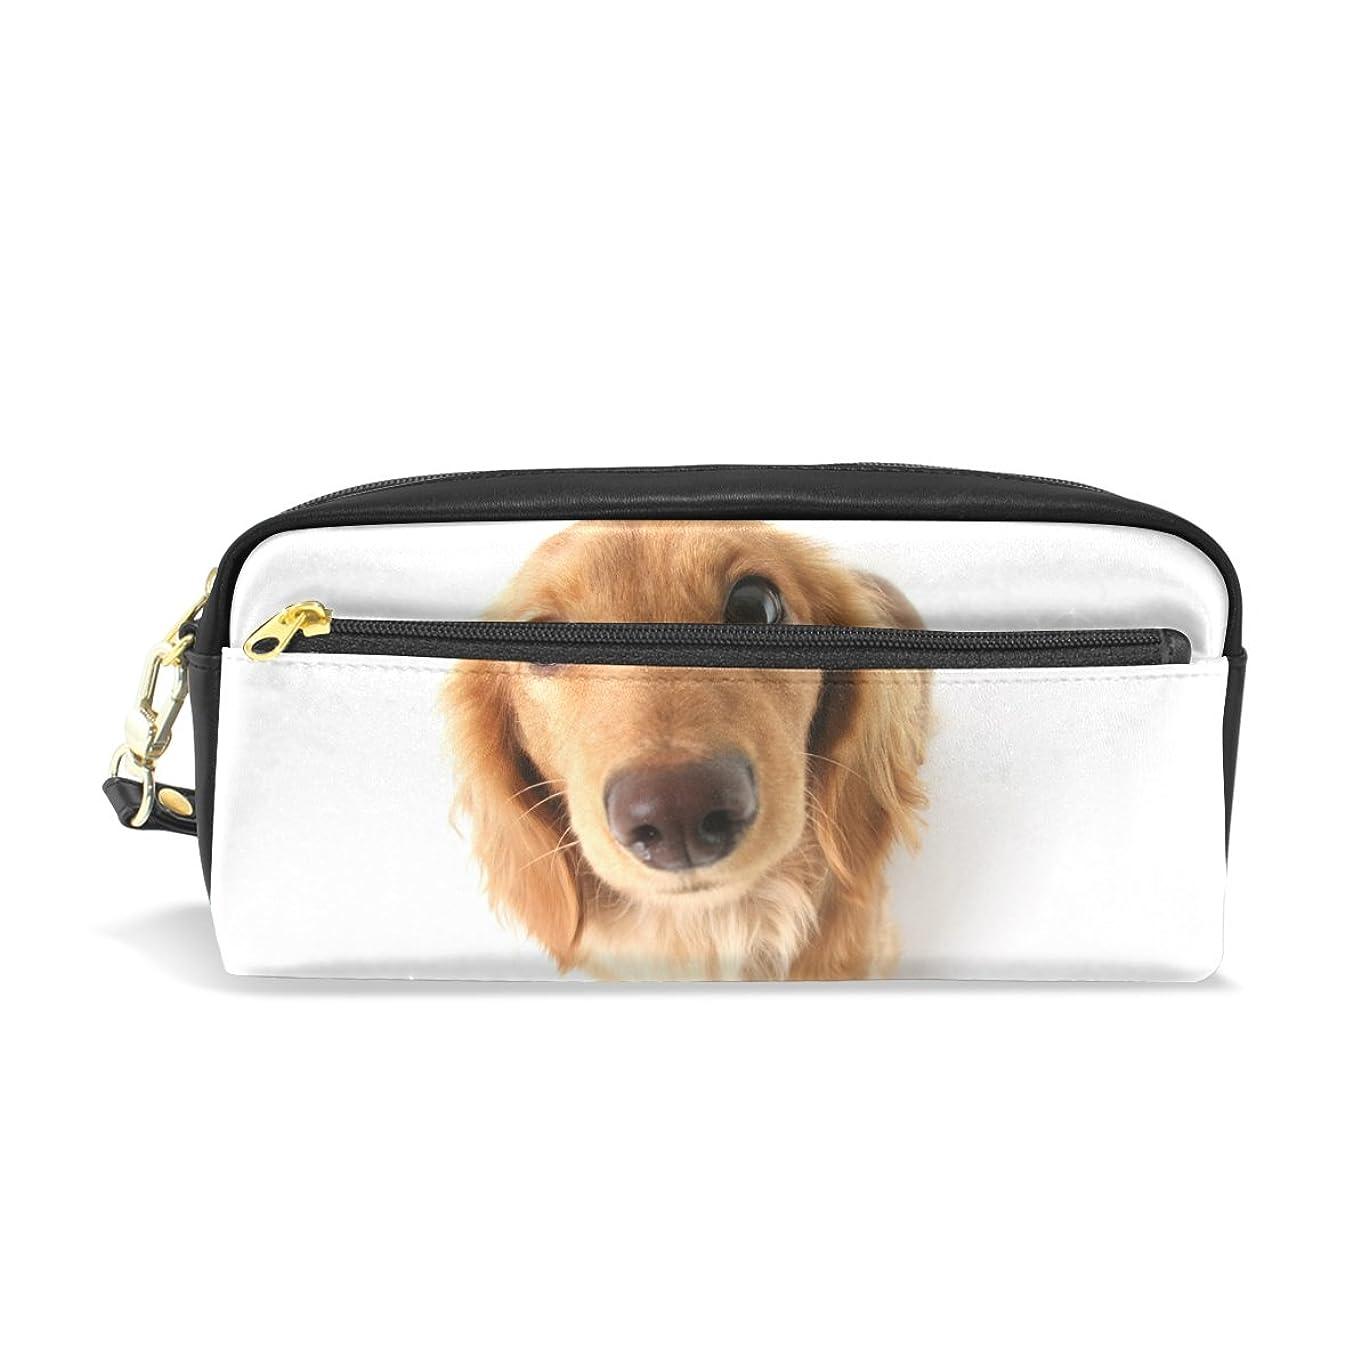 から何よりも周波数AOMOKI ペンケース ペンポーチ かわいい おしゃれ 化粧ポーチ 小物入り 多機能バッグ 男女兼用 プレゼント ギフト 犬柄 可愛い犬